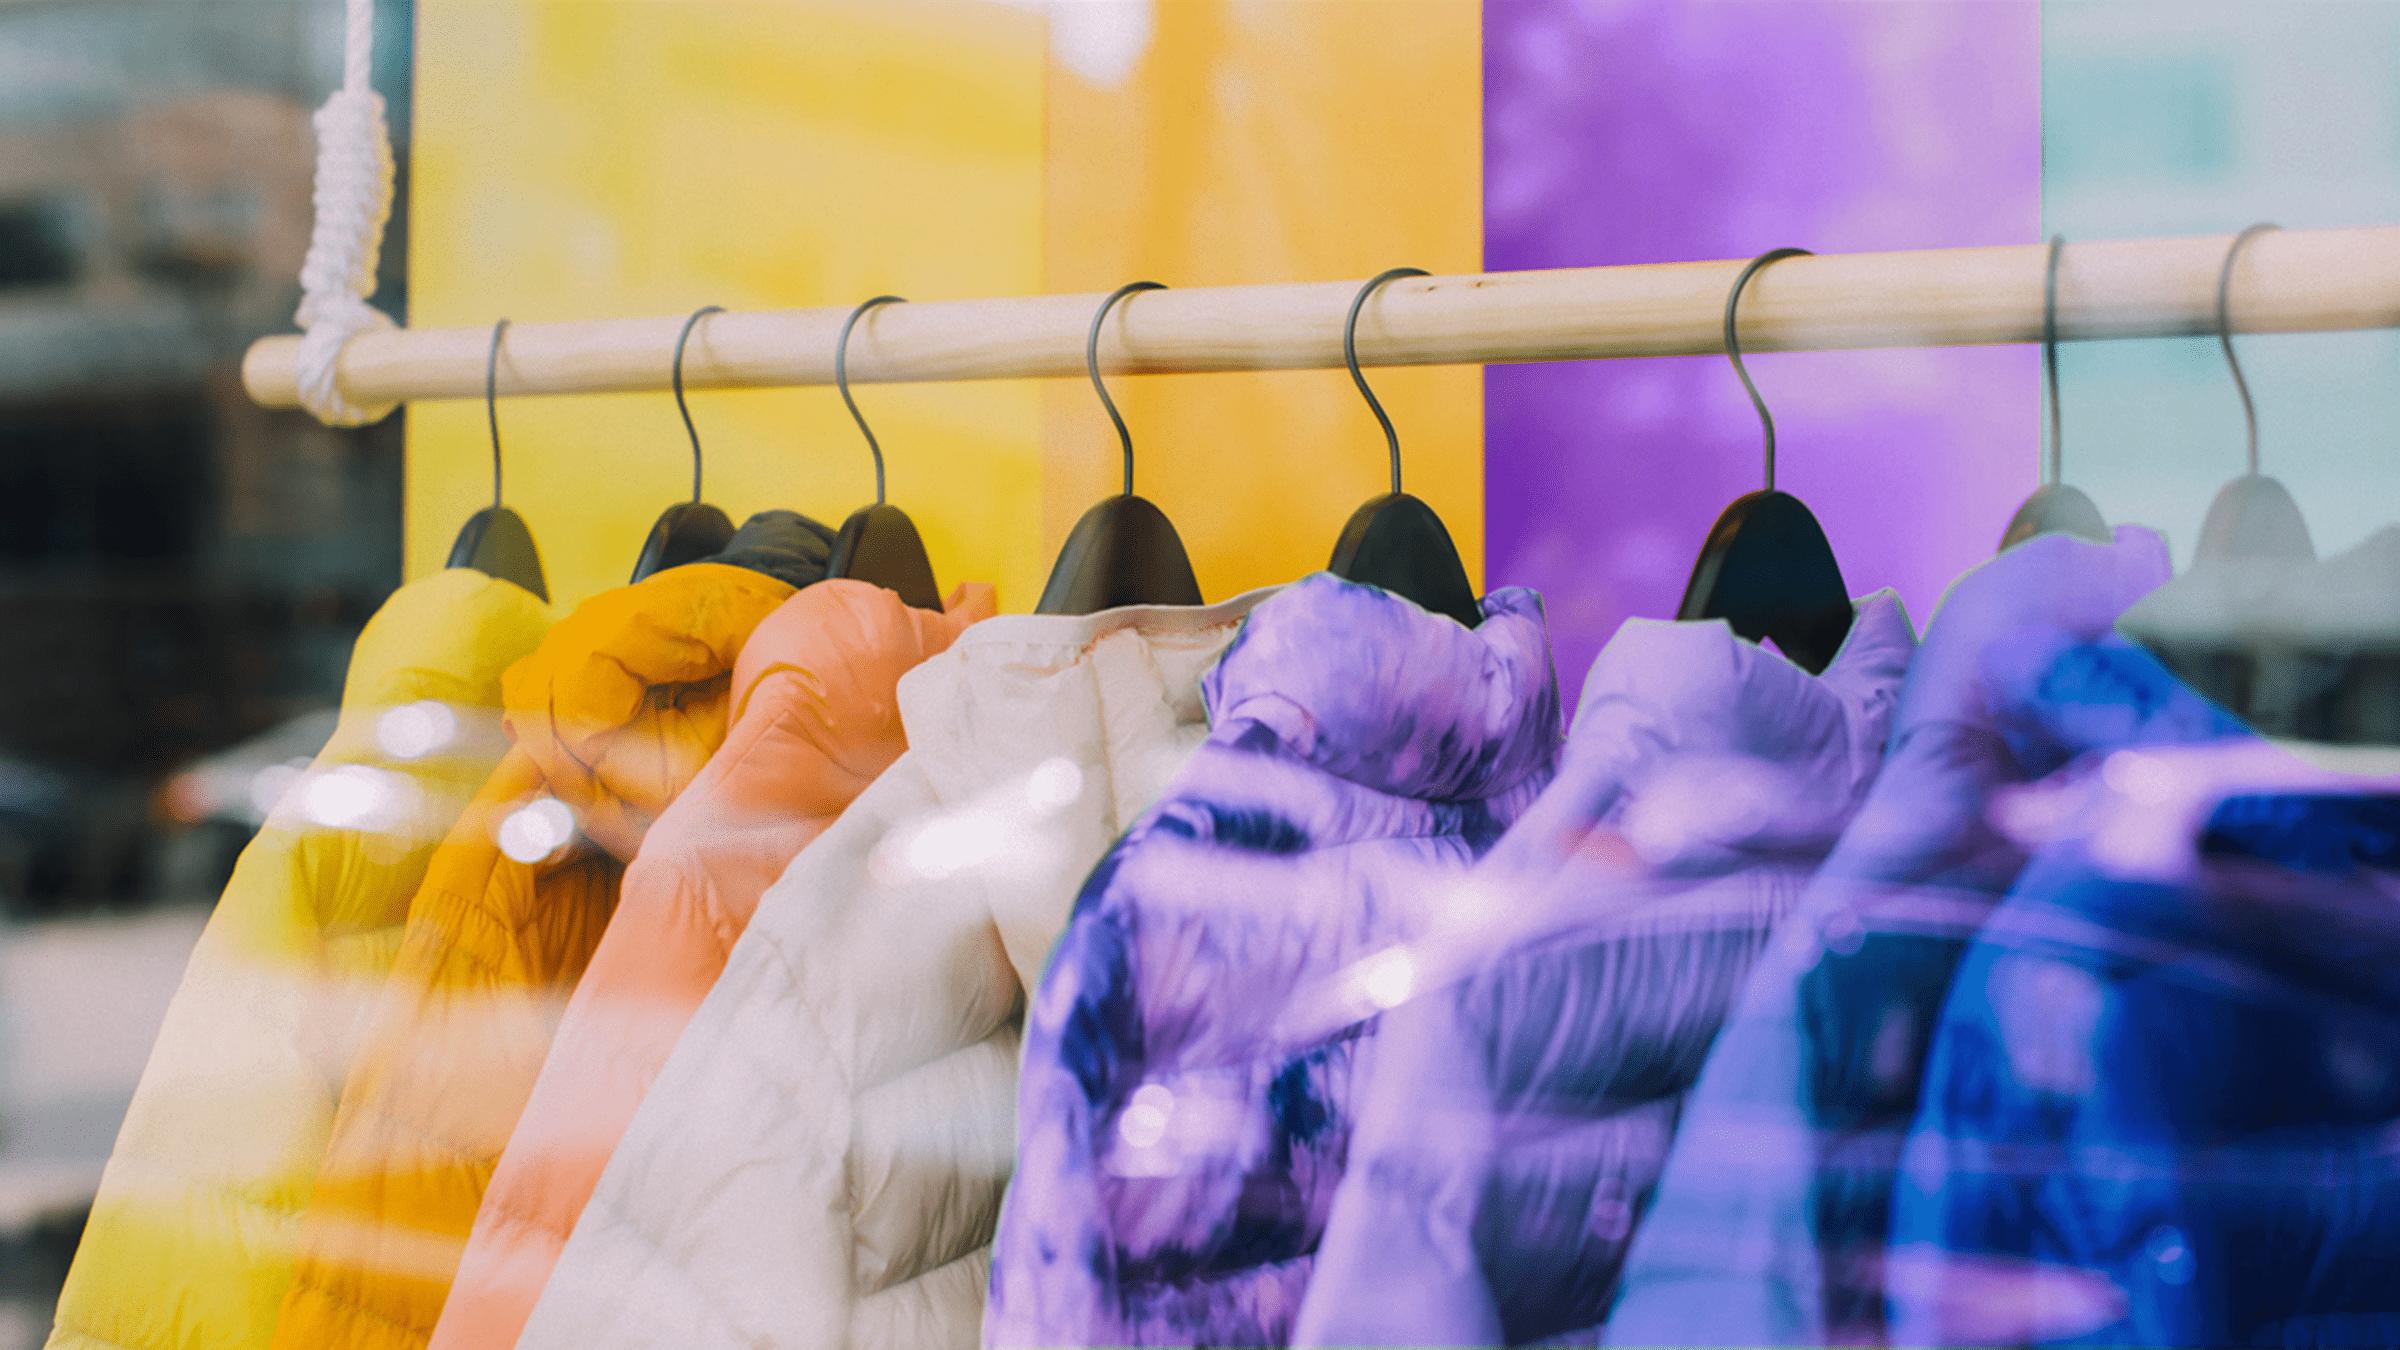 Abrigos de colores colgados en un aparador anuncian Hot Sale 2021